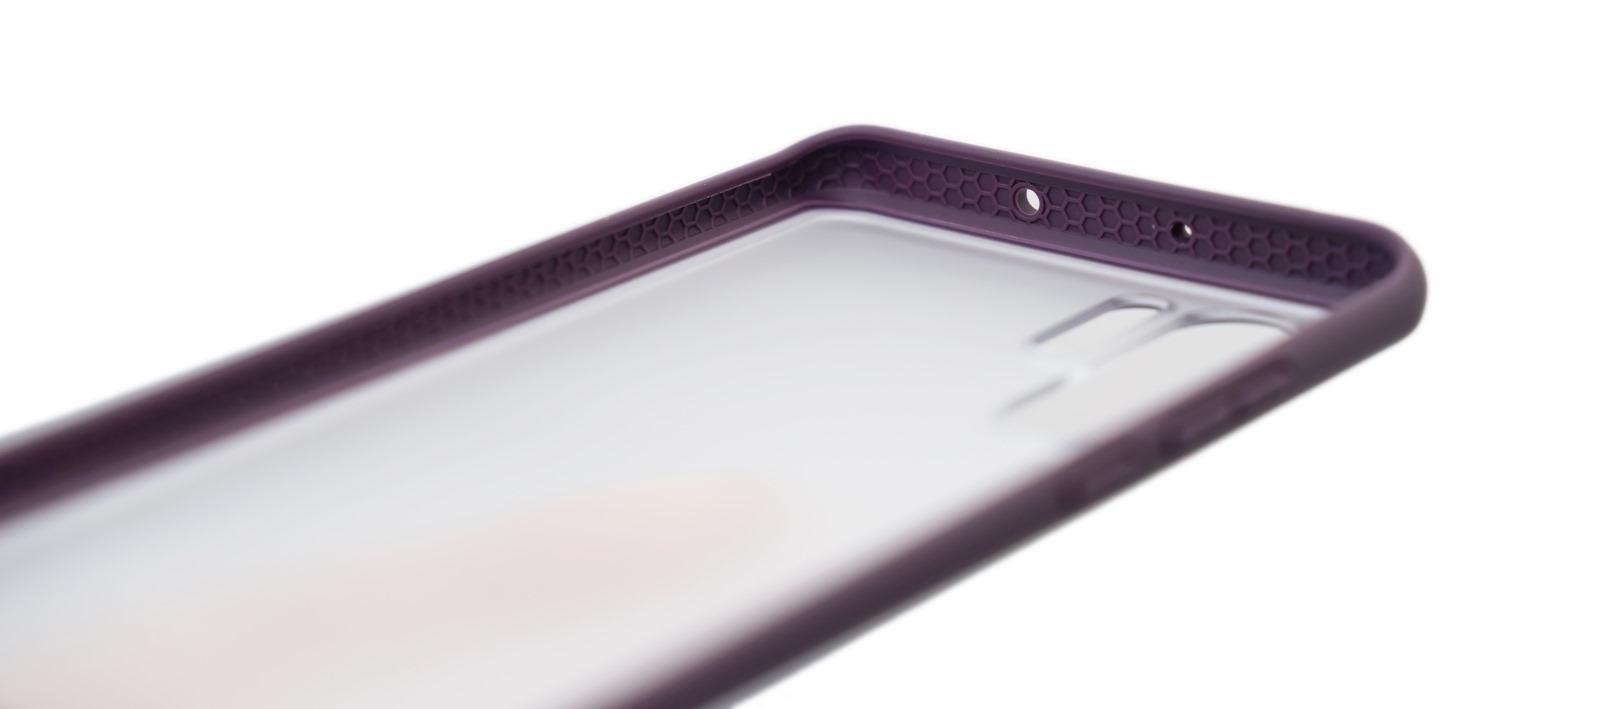 想找 P30 Pro 完美保護?!hoda『UV 膠全貼合玻璃保護貼』+『hoda 柔石軍規防摔殼』提供全面保護 @3C 達人廖阿輝